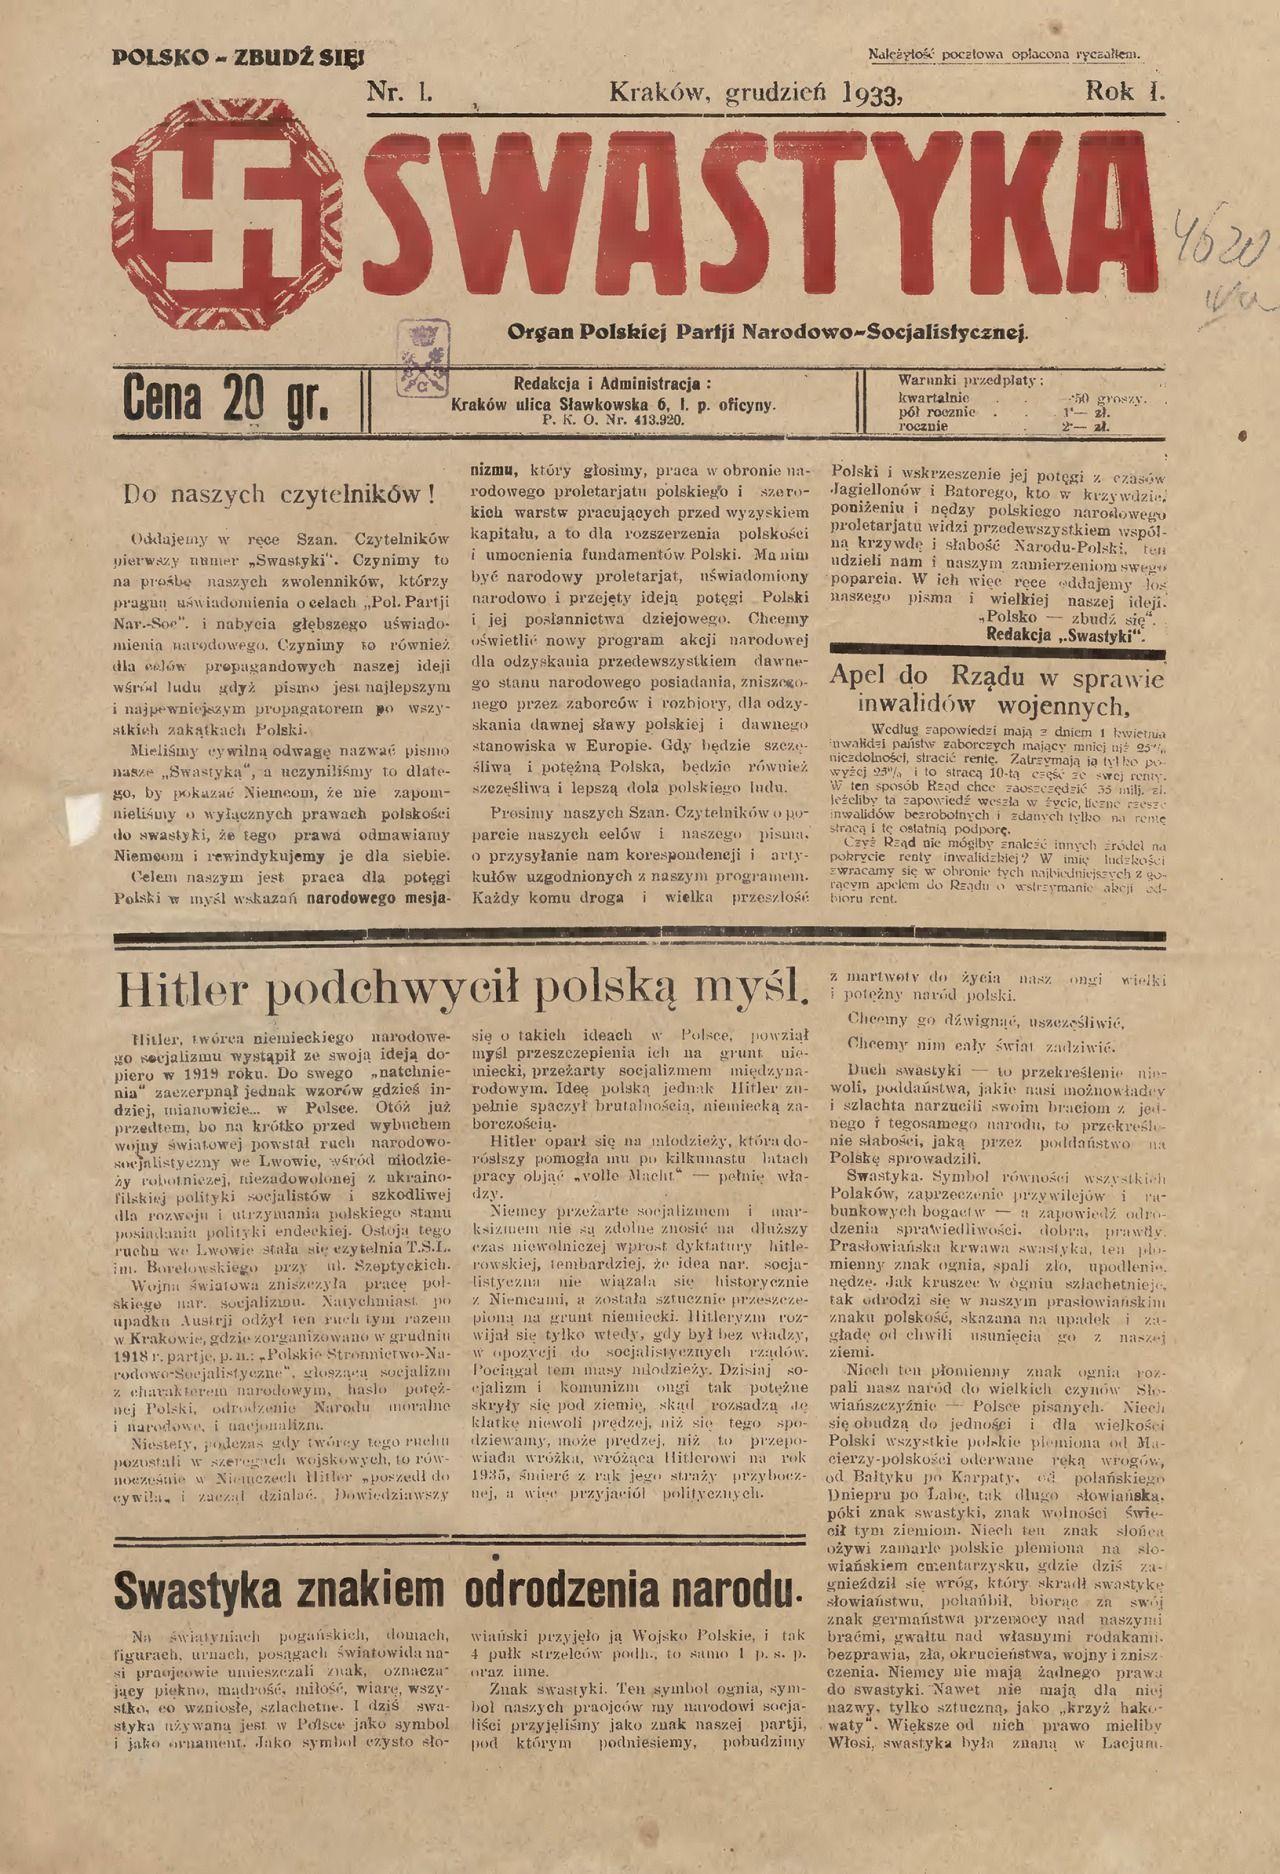 """Polskie narodowo-socjalistyczne partie polityczne miały często własne piśmiennicze organy. Na ilustracji pierwsza strona krakowskiej """"Swastyki"""", która - wbrew nazwie - była jednym z mniej radykalnych czasopism."""